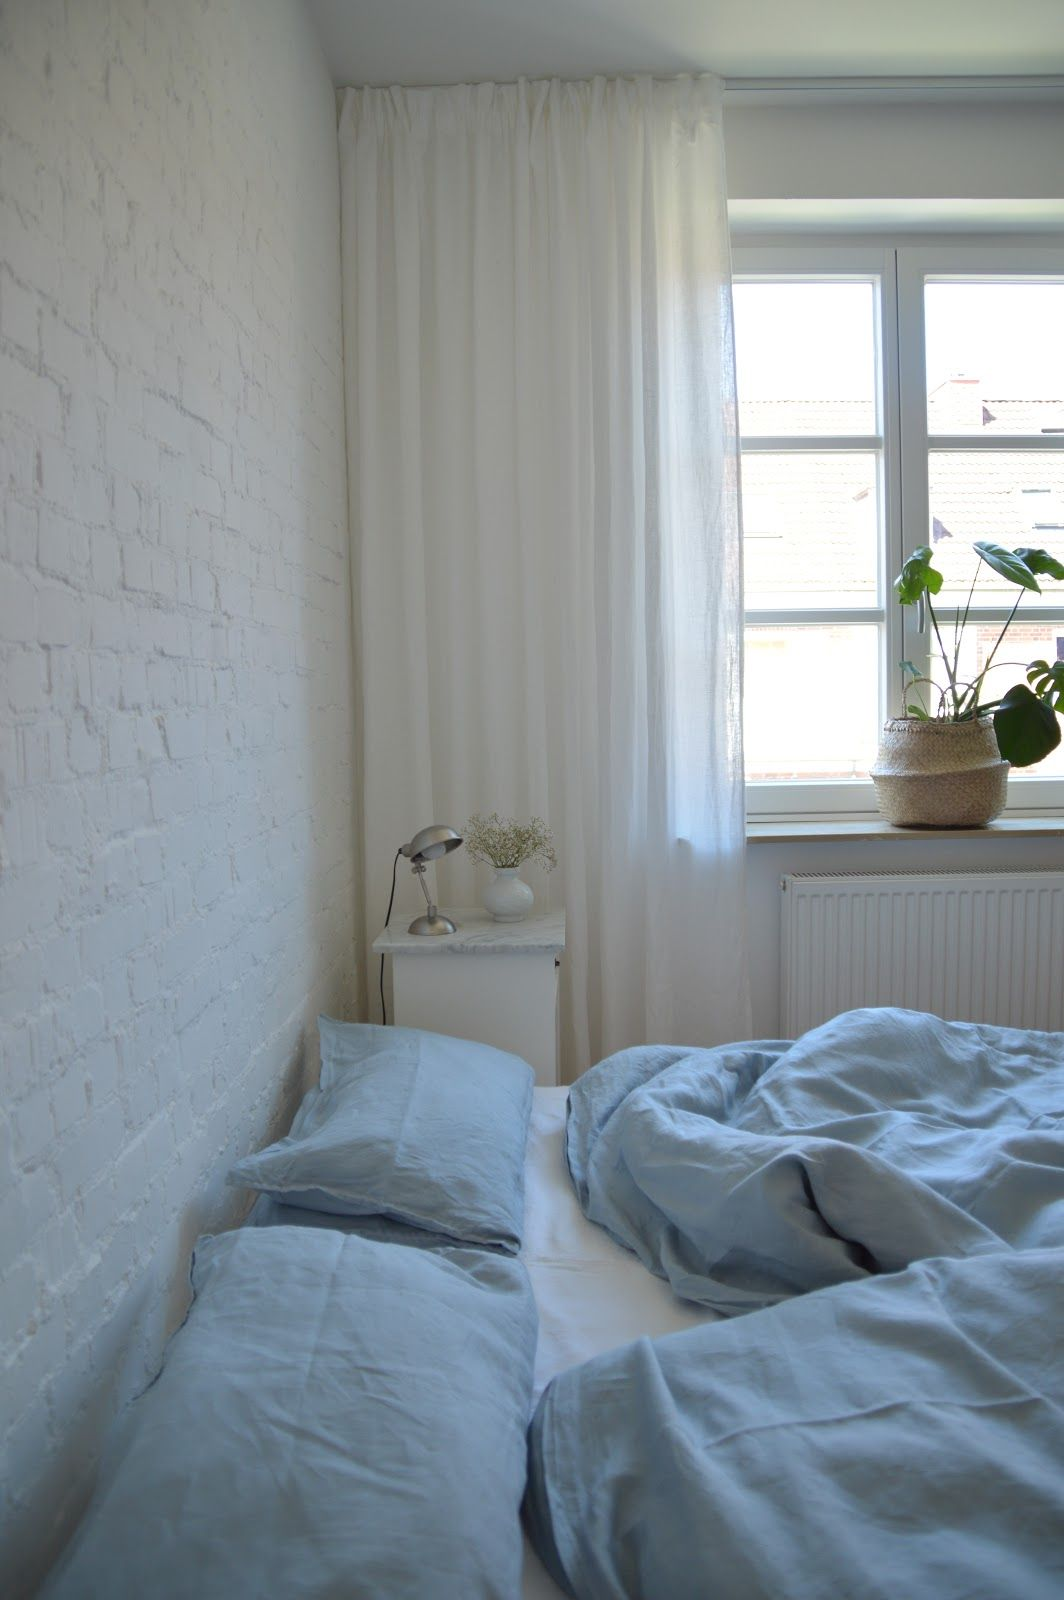 Slow Living zu Hause - meine Gedanken dazu | Interiors, vignettes ...